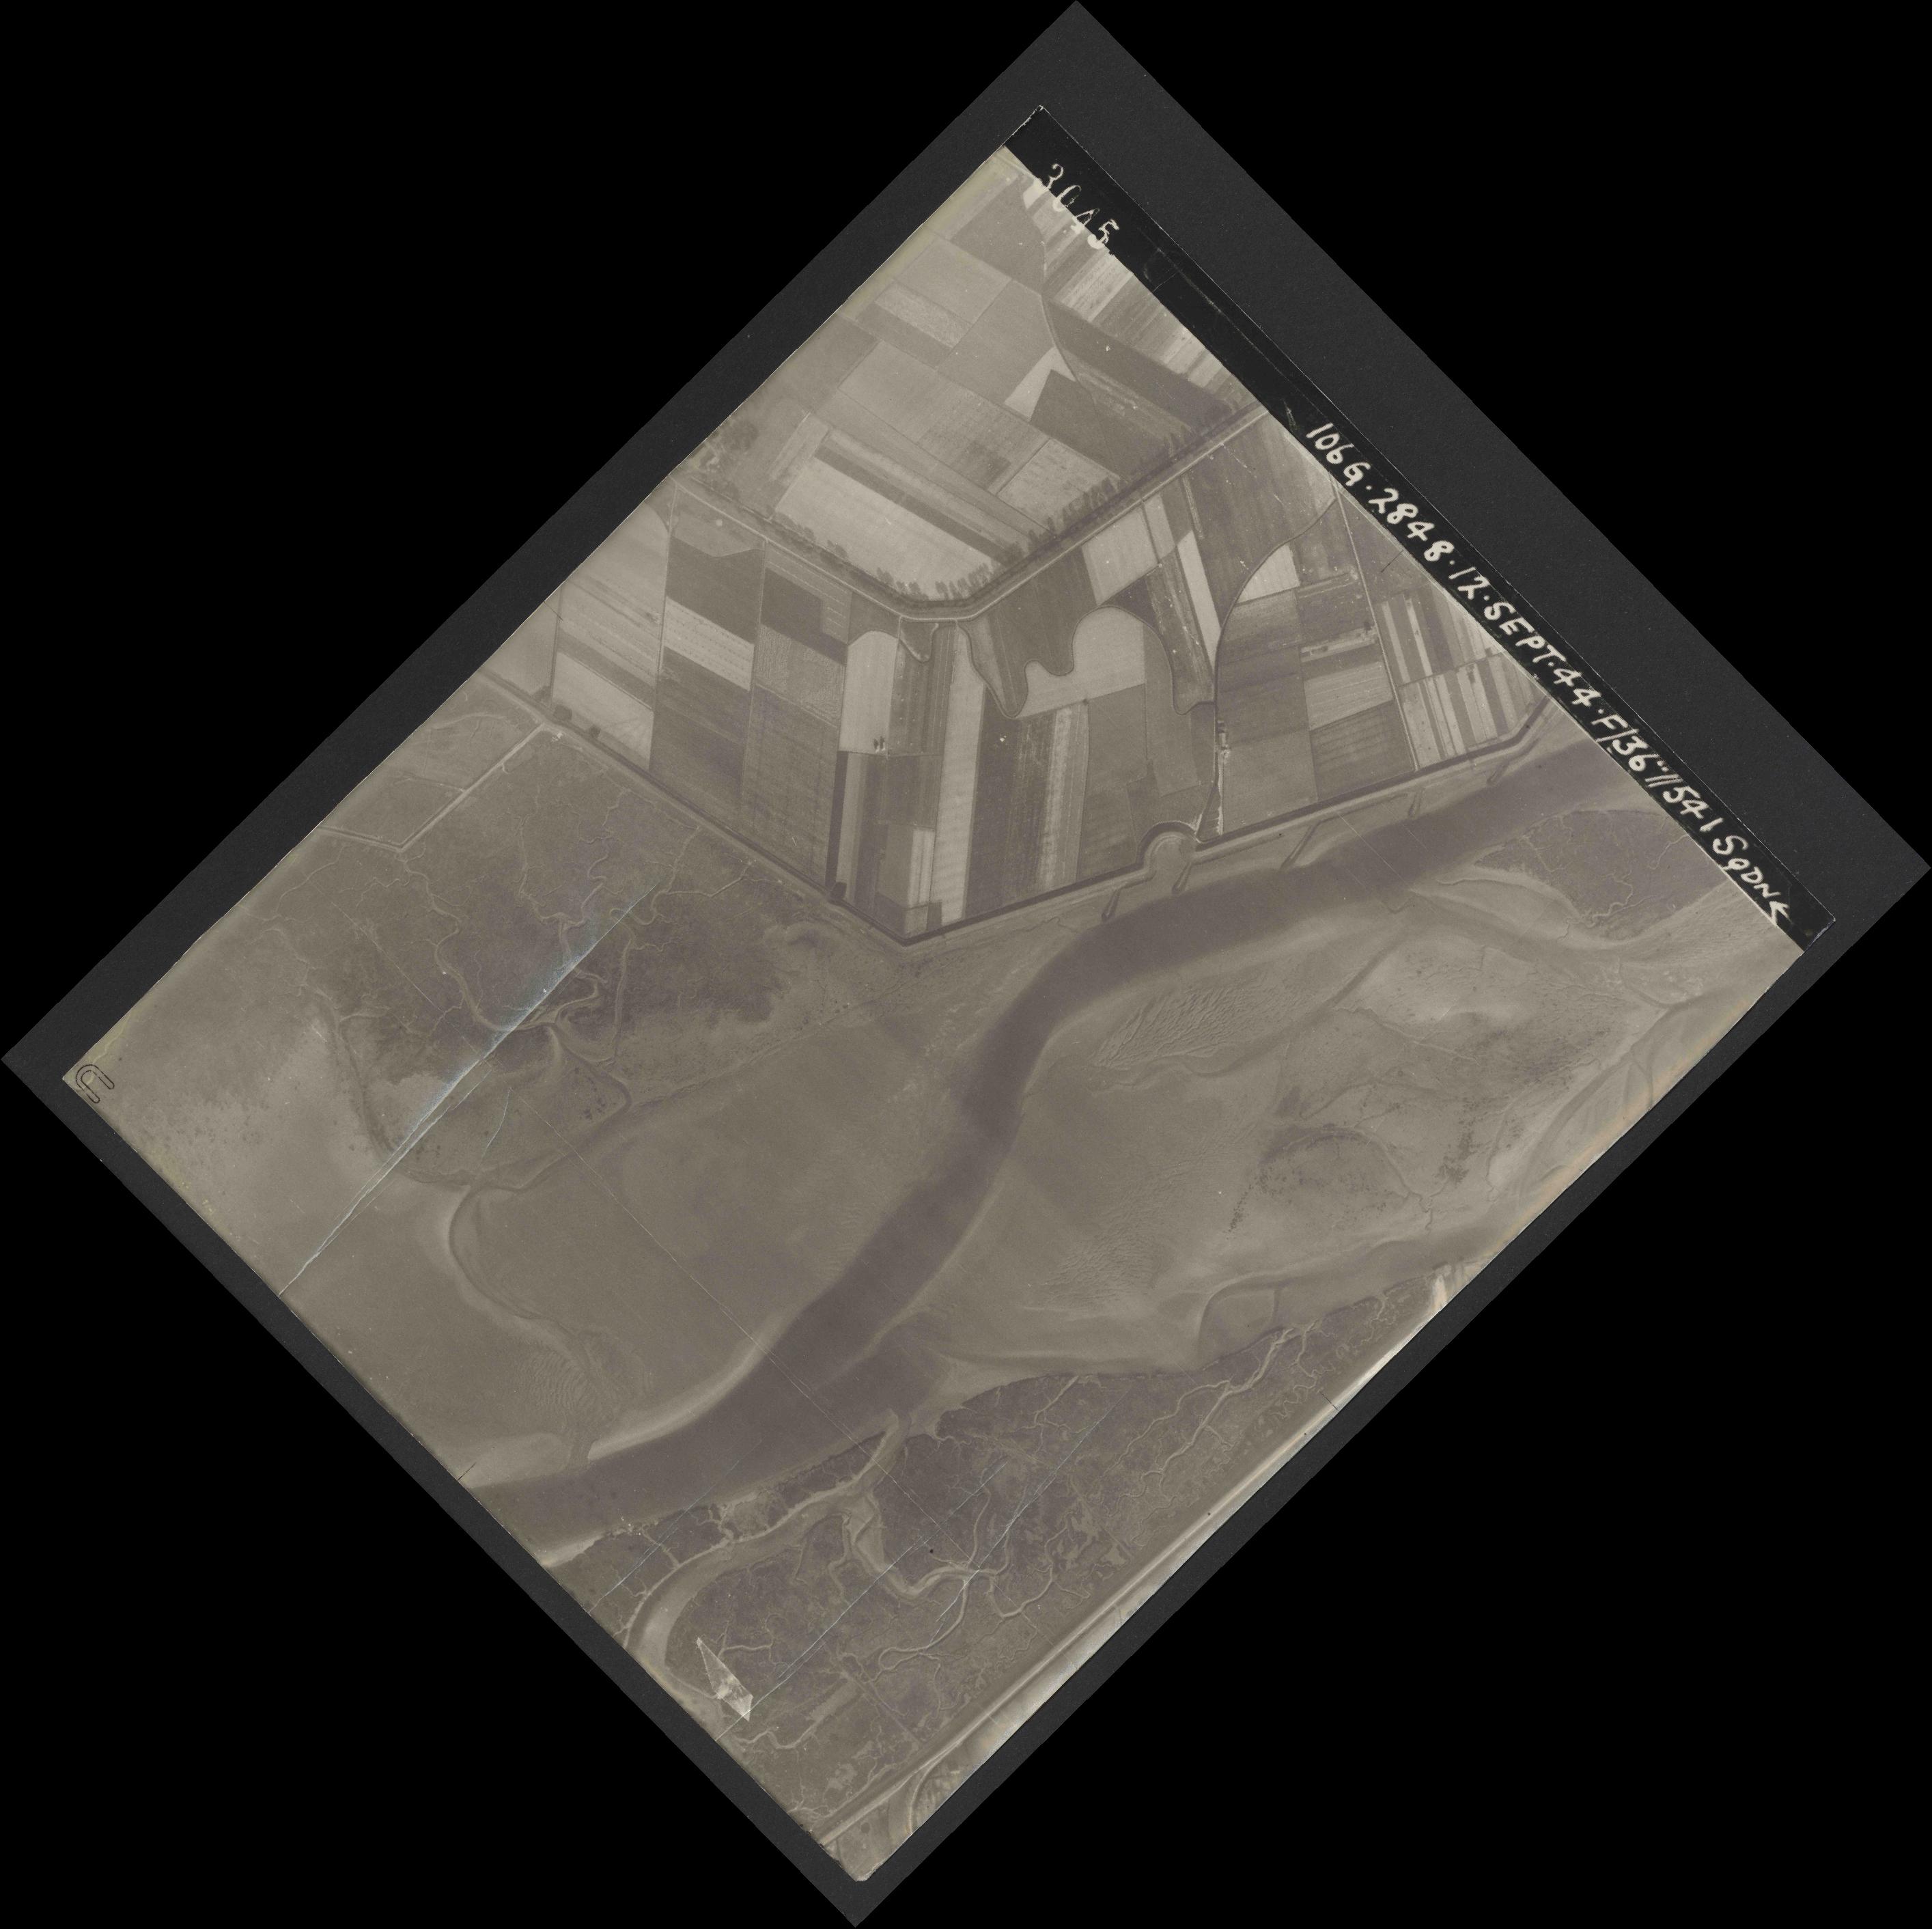 Collection RAF aerial photos 1940-1945 - flight 350, run 01, photo 3045